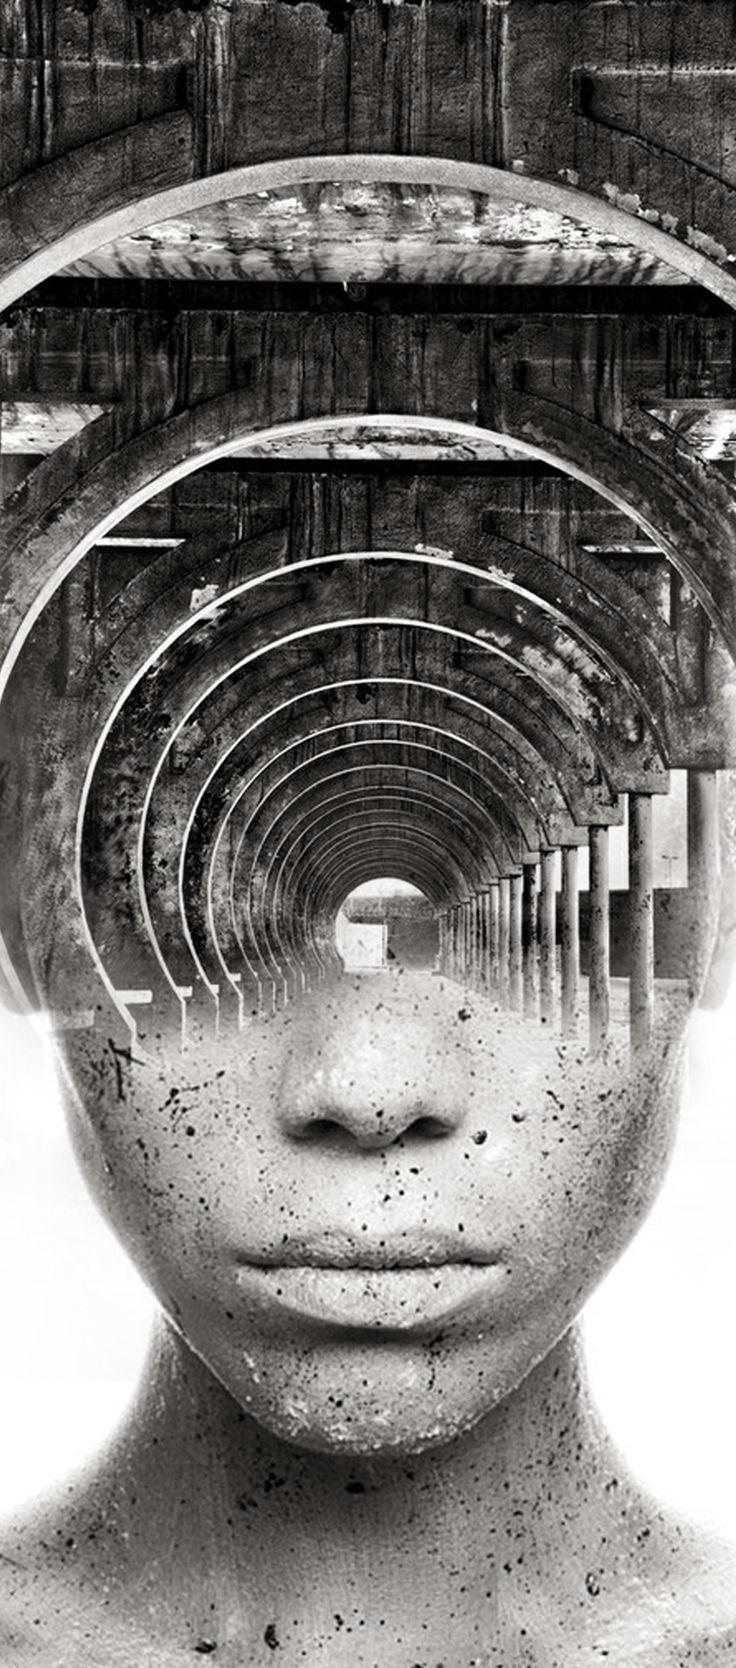 CYCLOPS by Antonio Mora.